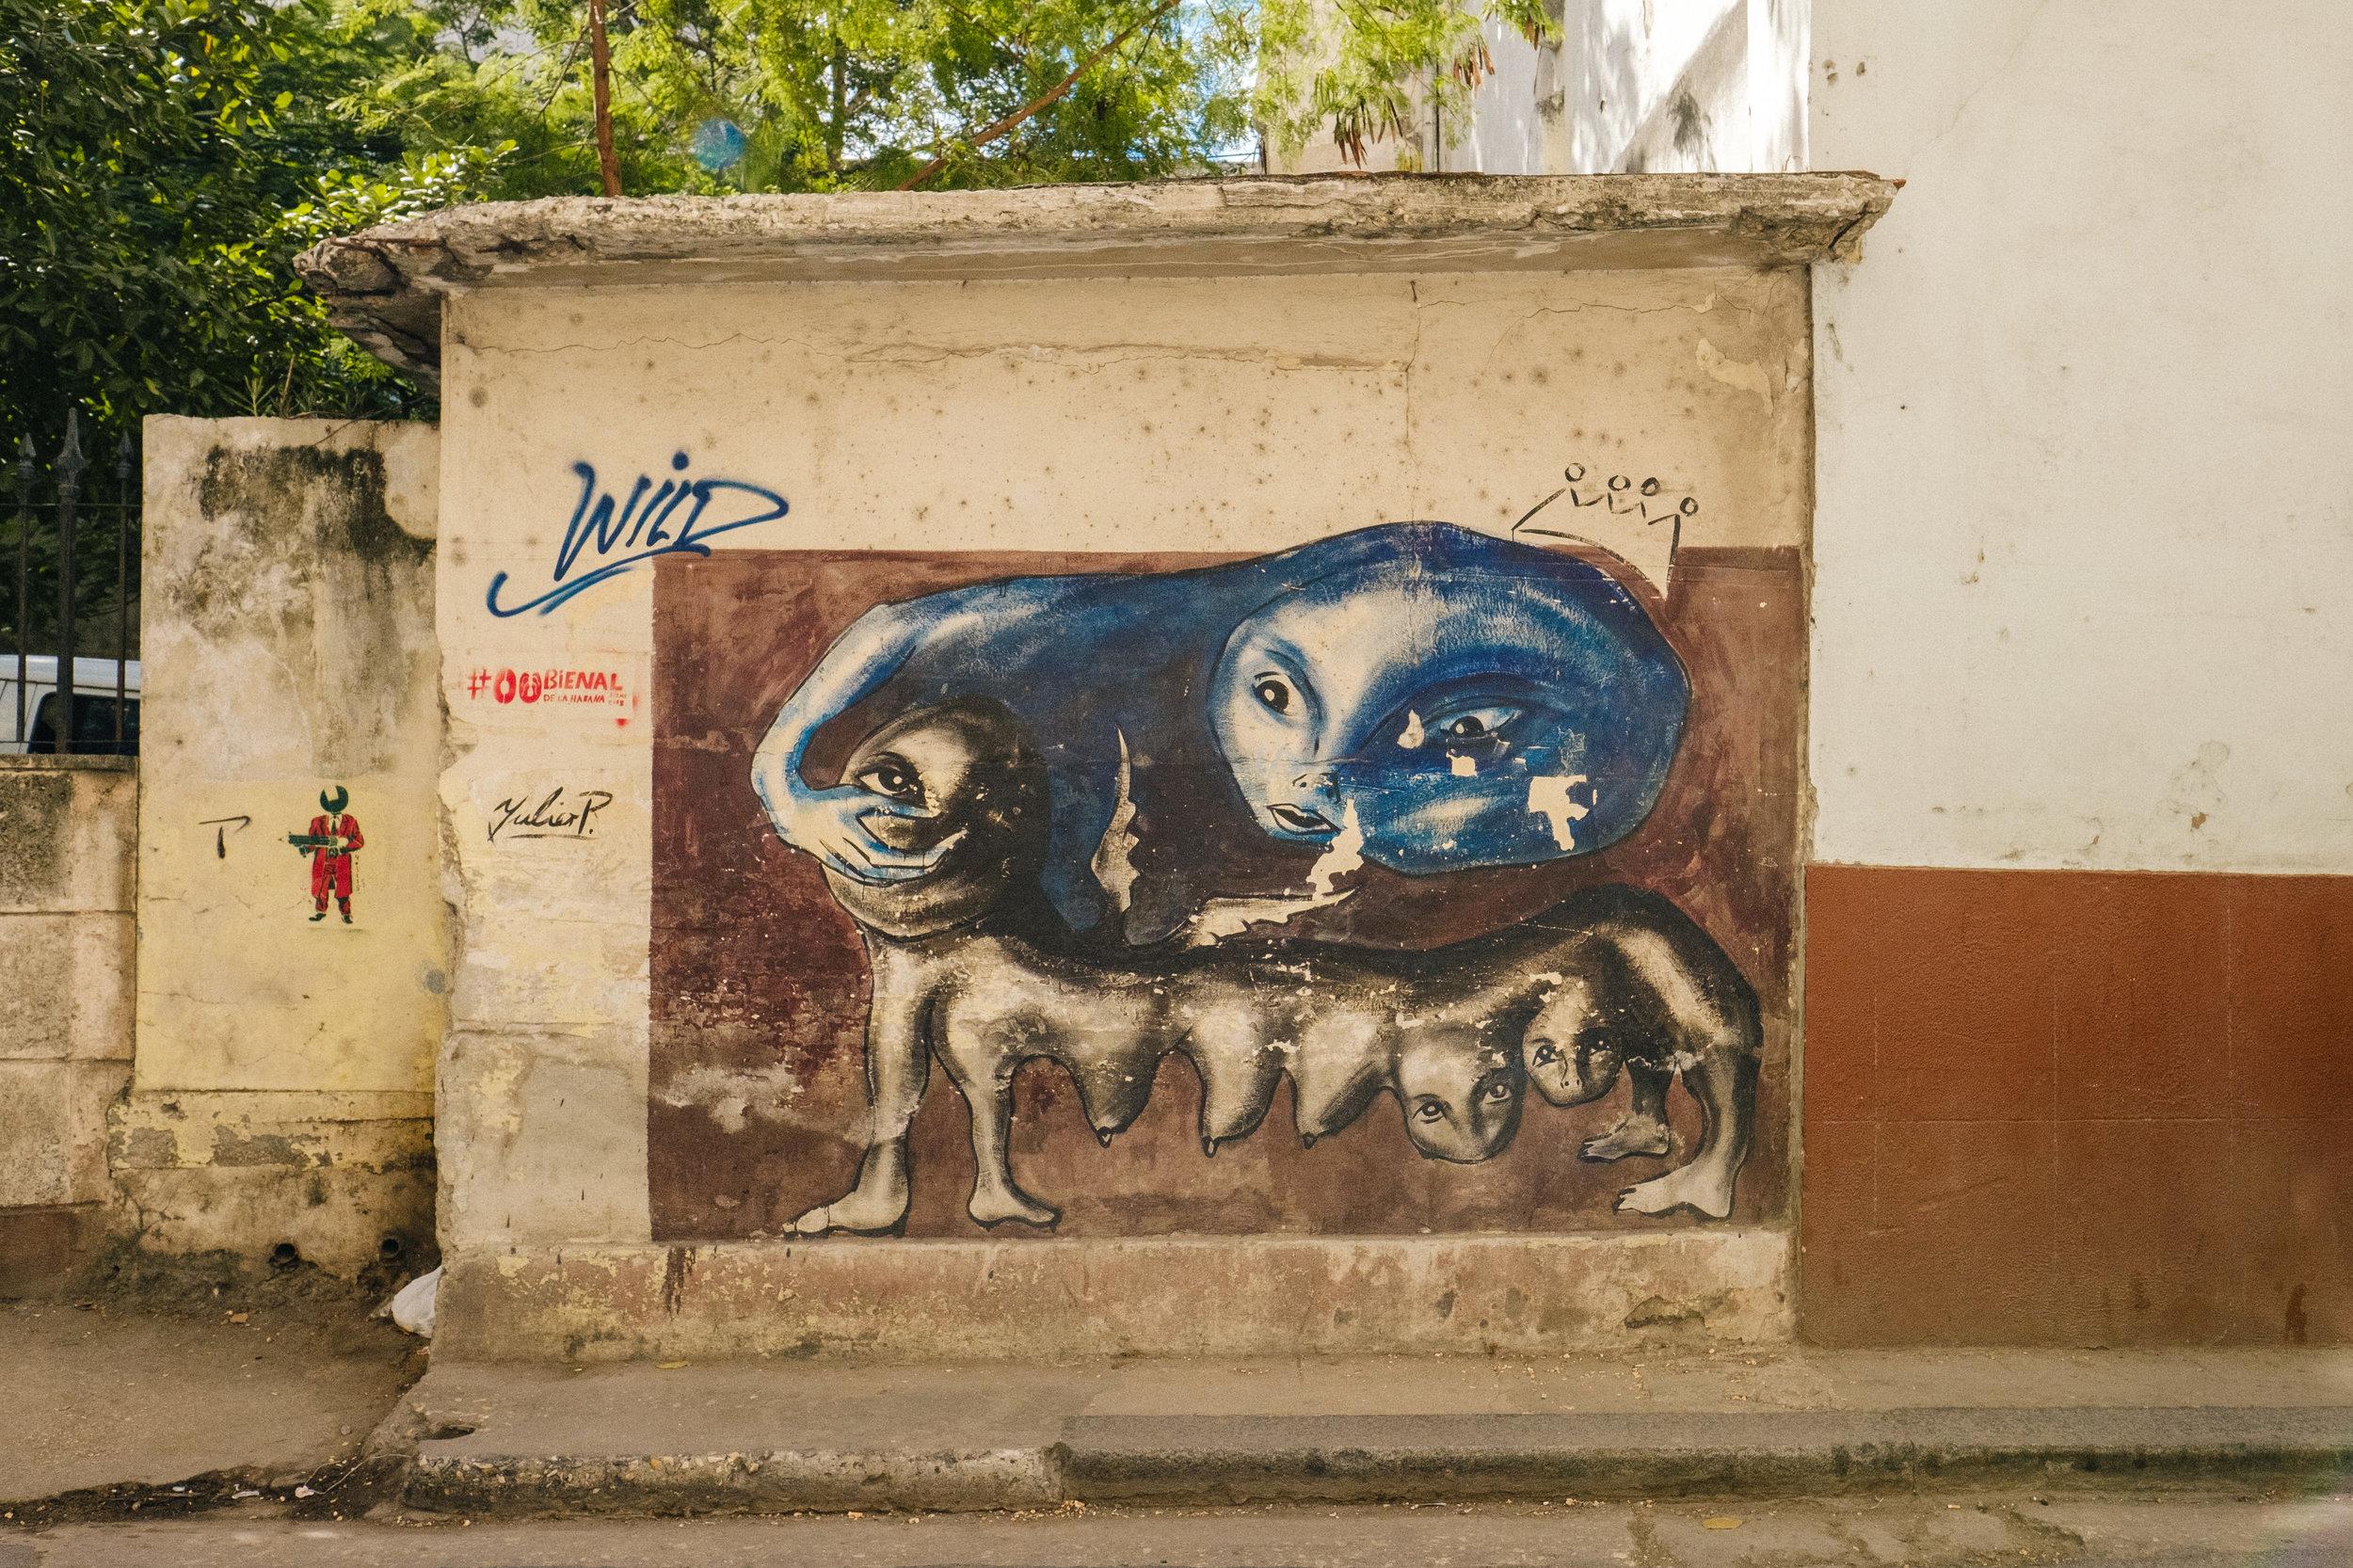 Cuba2019-85.jpg